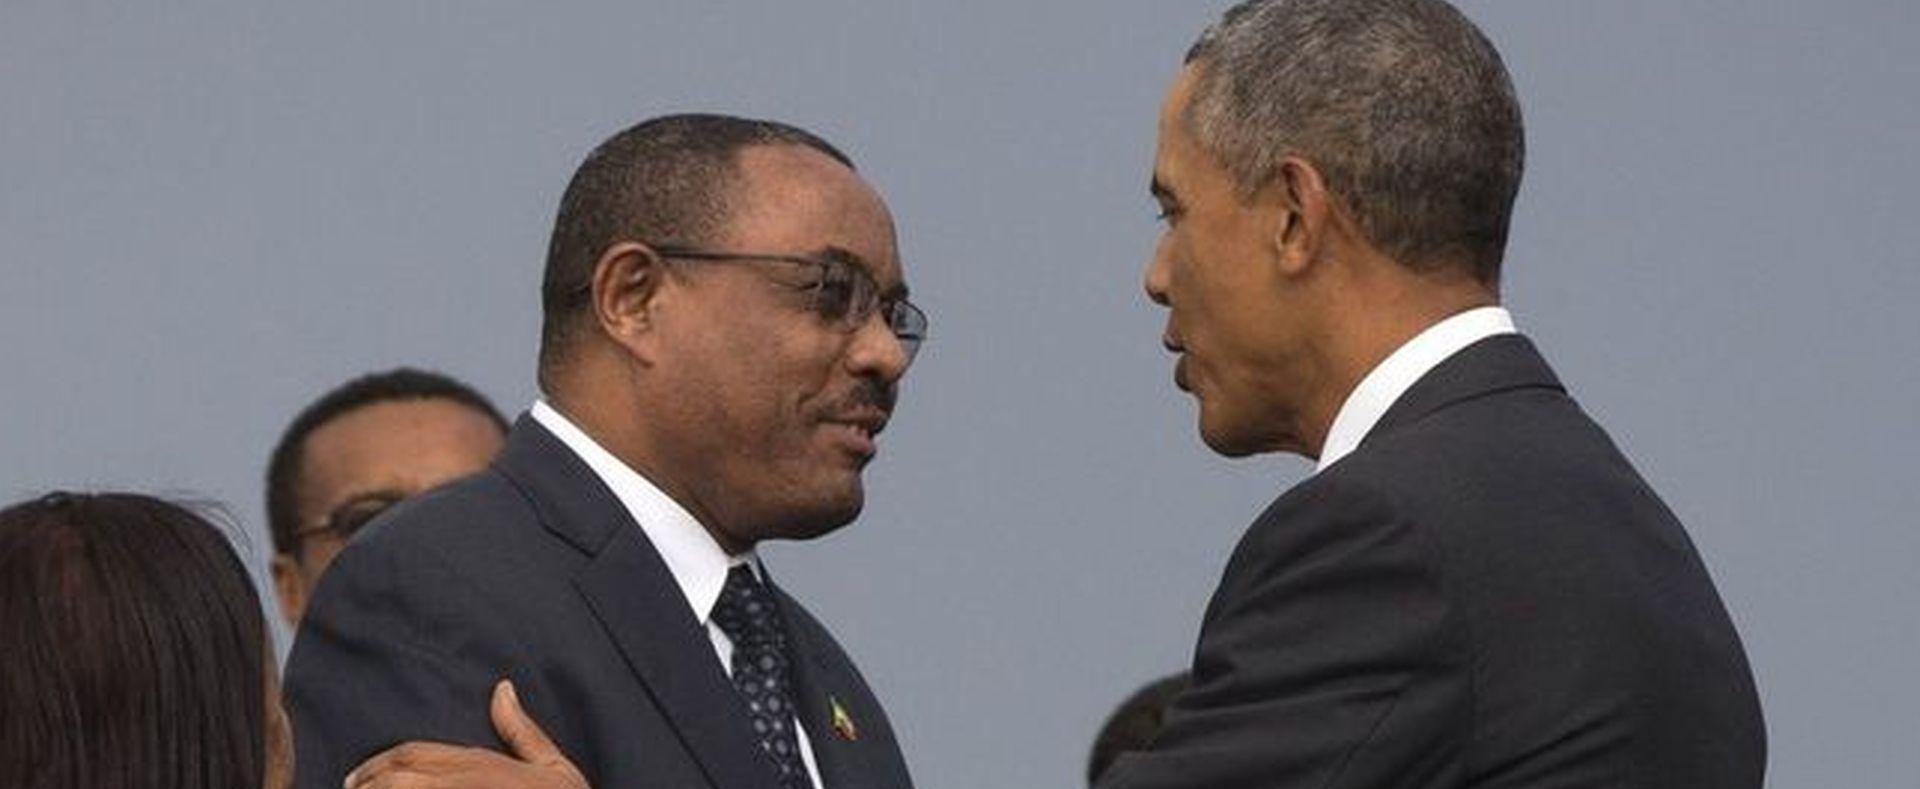 OBAMINA AFRIČKA TURNEJA:  SAD surađuje s Etiopijom na promicanju ljudskih prava